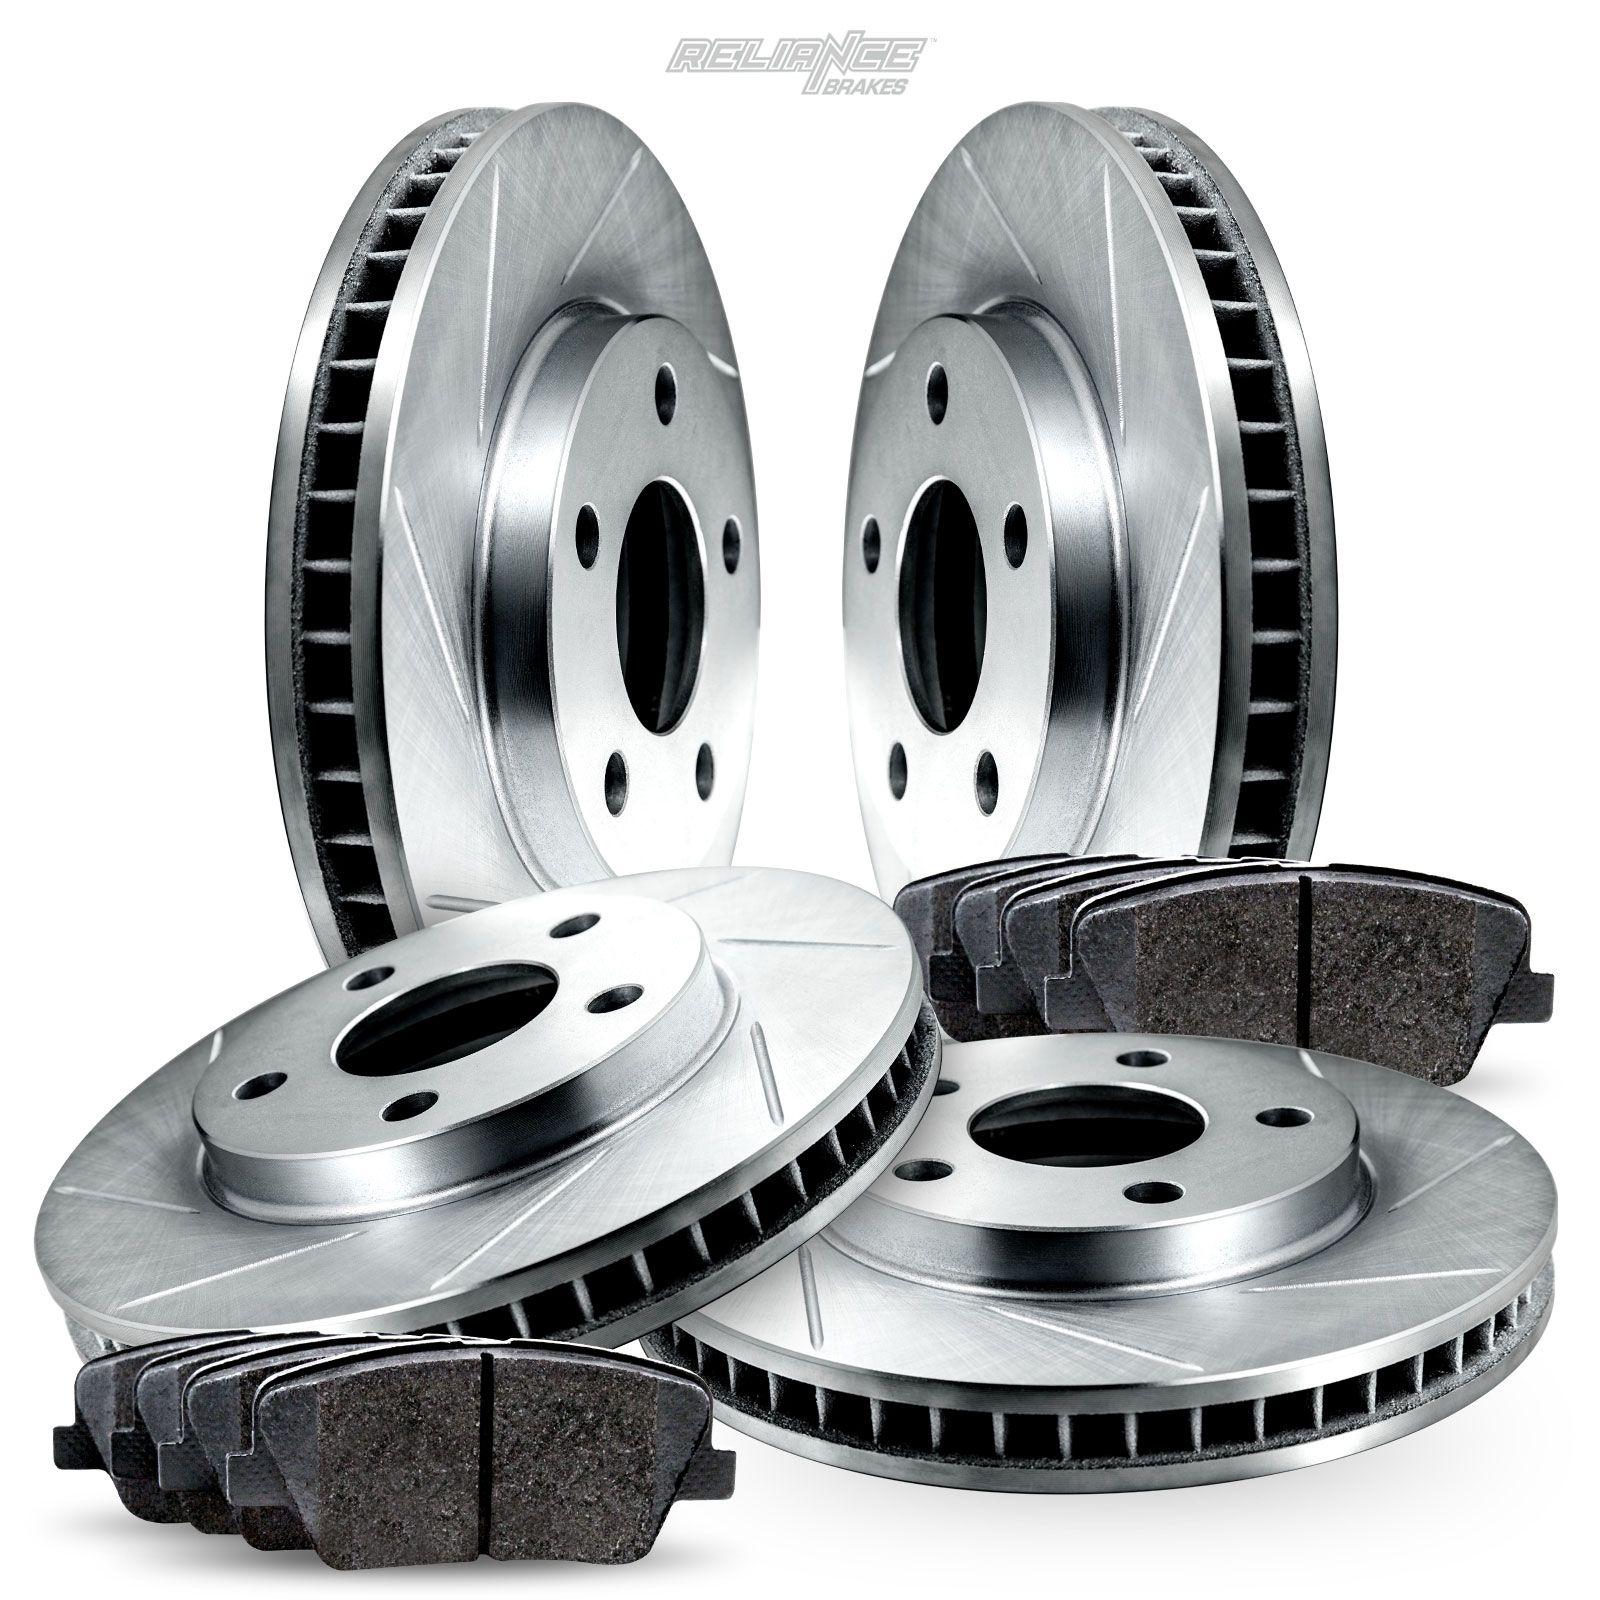 2007 2008 2009 for Hyundai Veracruz Disc Brake Rotors and Ceramic Pads Front